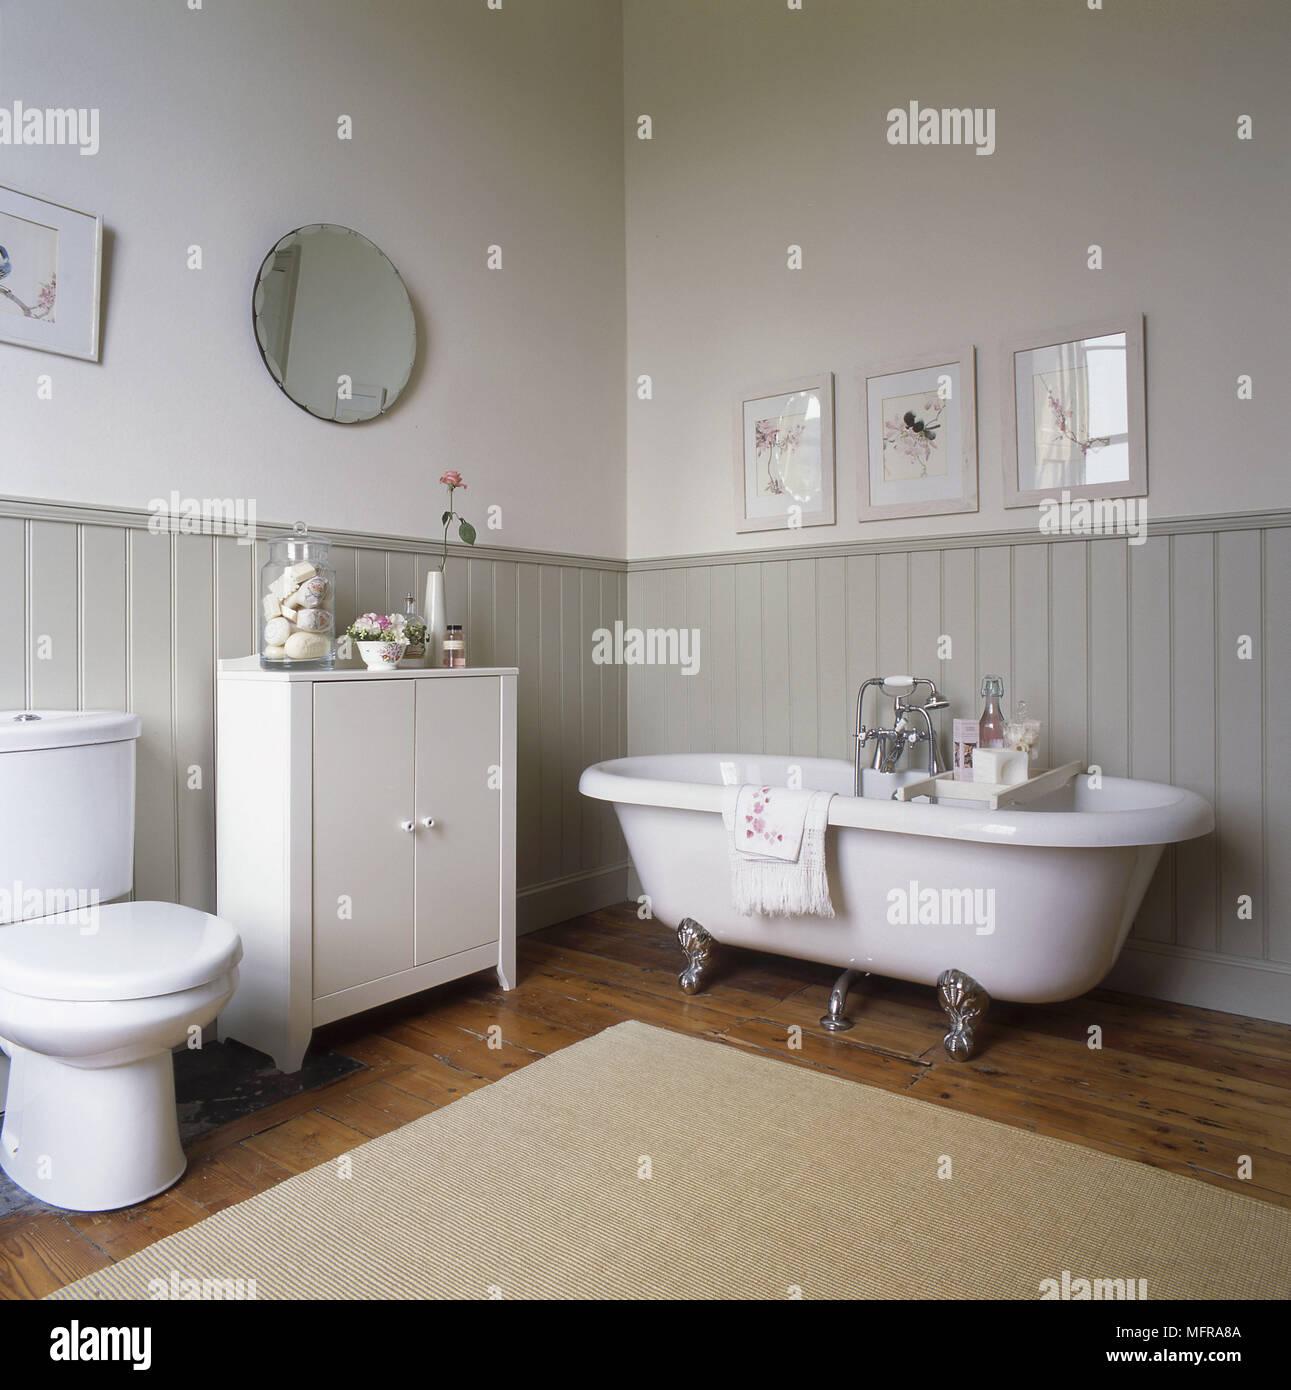 Toilettes Et Placard A Cote De Style Ancien D Une Baignoire Sur Pieds Haut Rouleau Dans Un Style Campagnard Salle De Bains Photo Stock Alamy